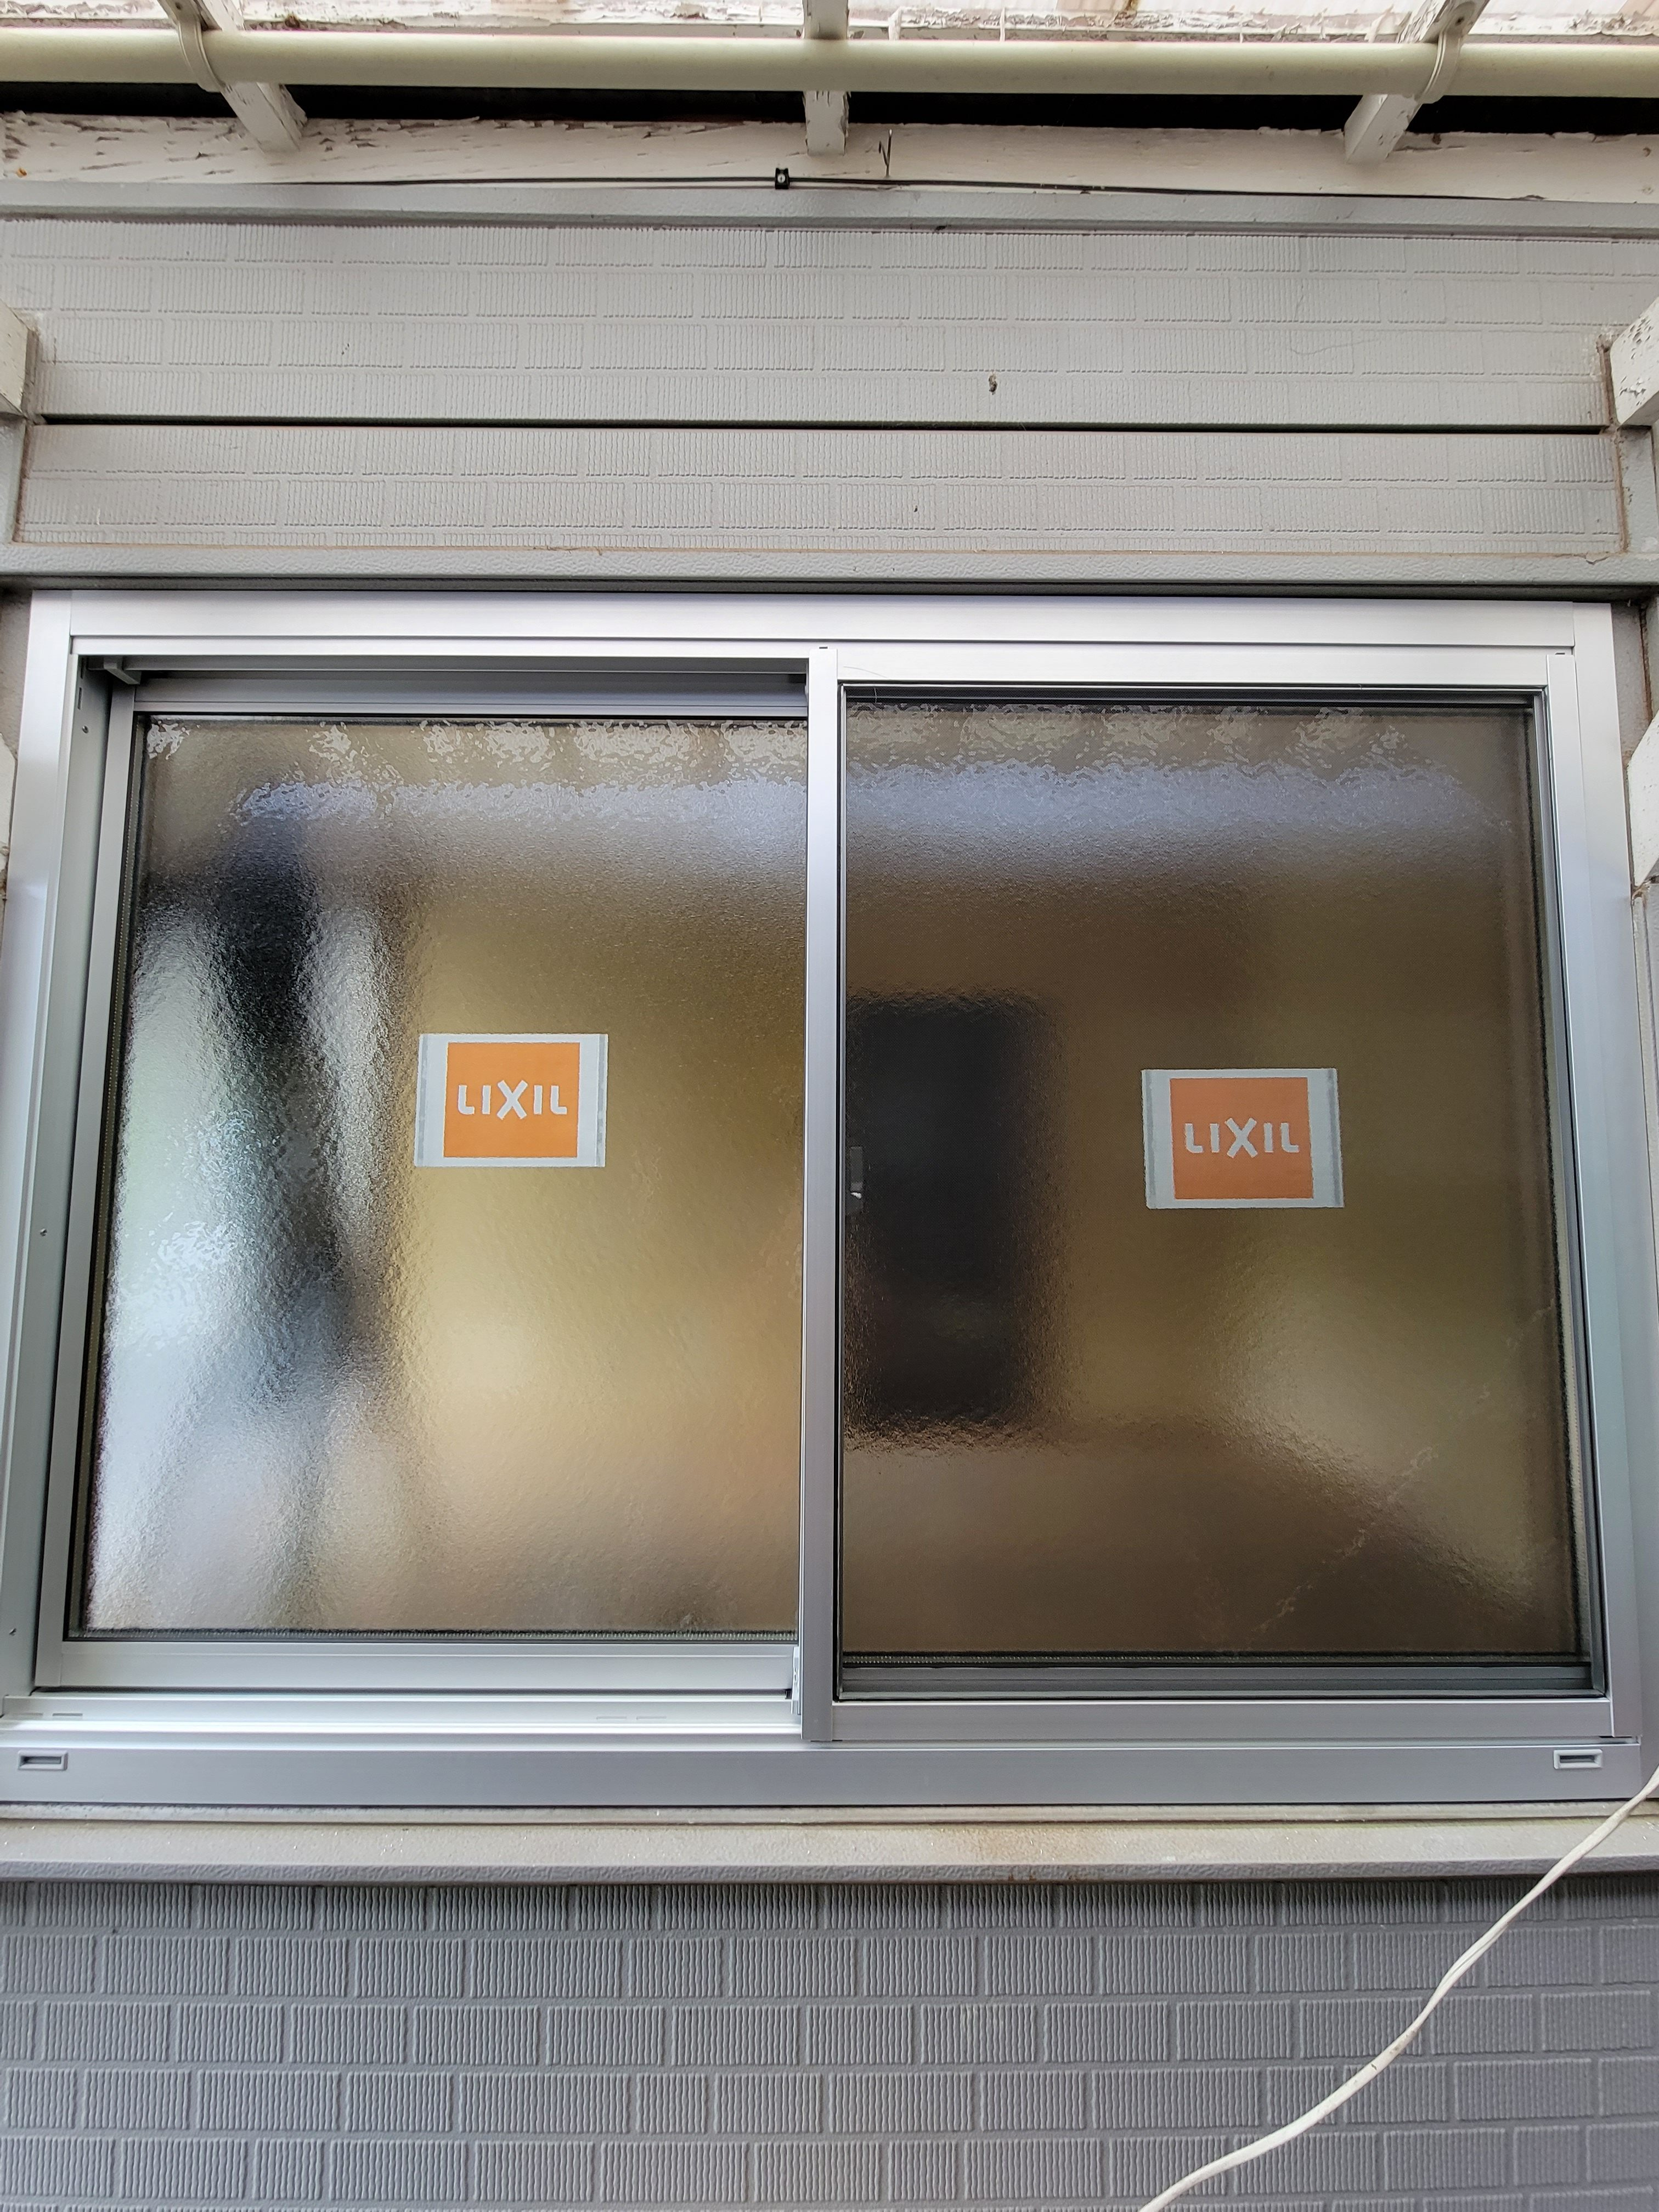 ギャラリーパティオの窓 交換 リプラスの施工事例写真